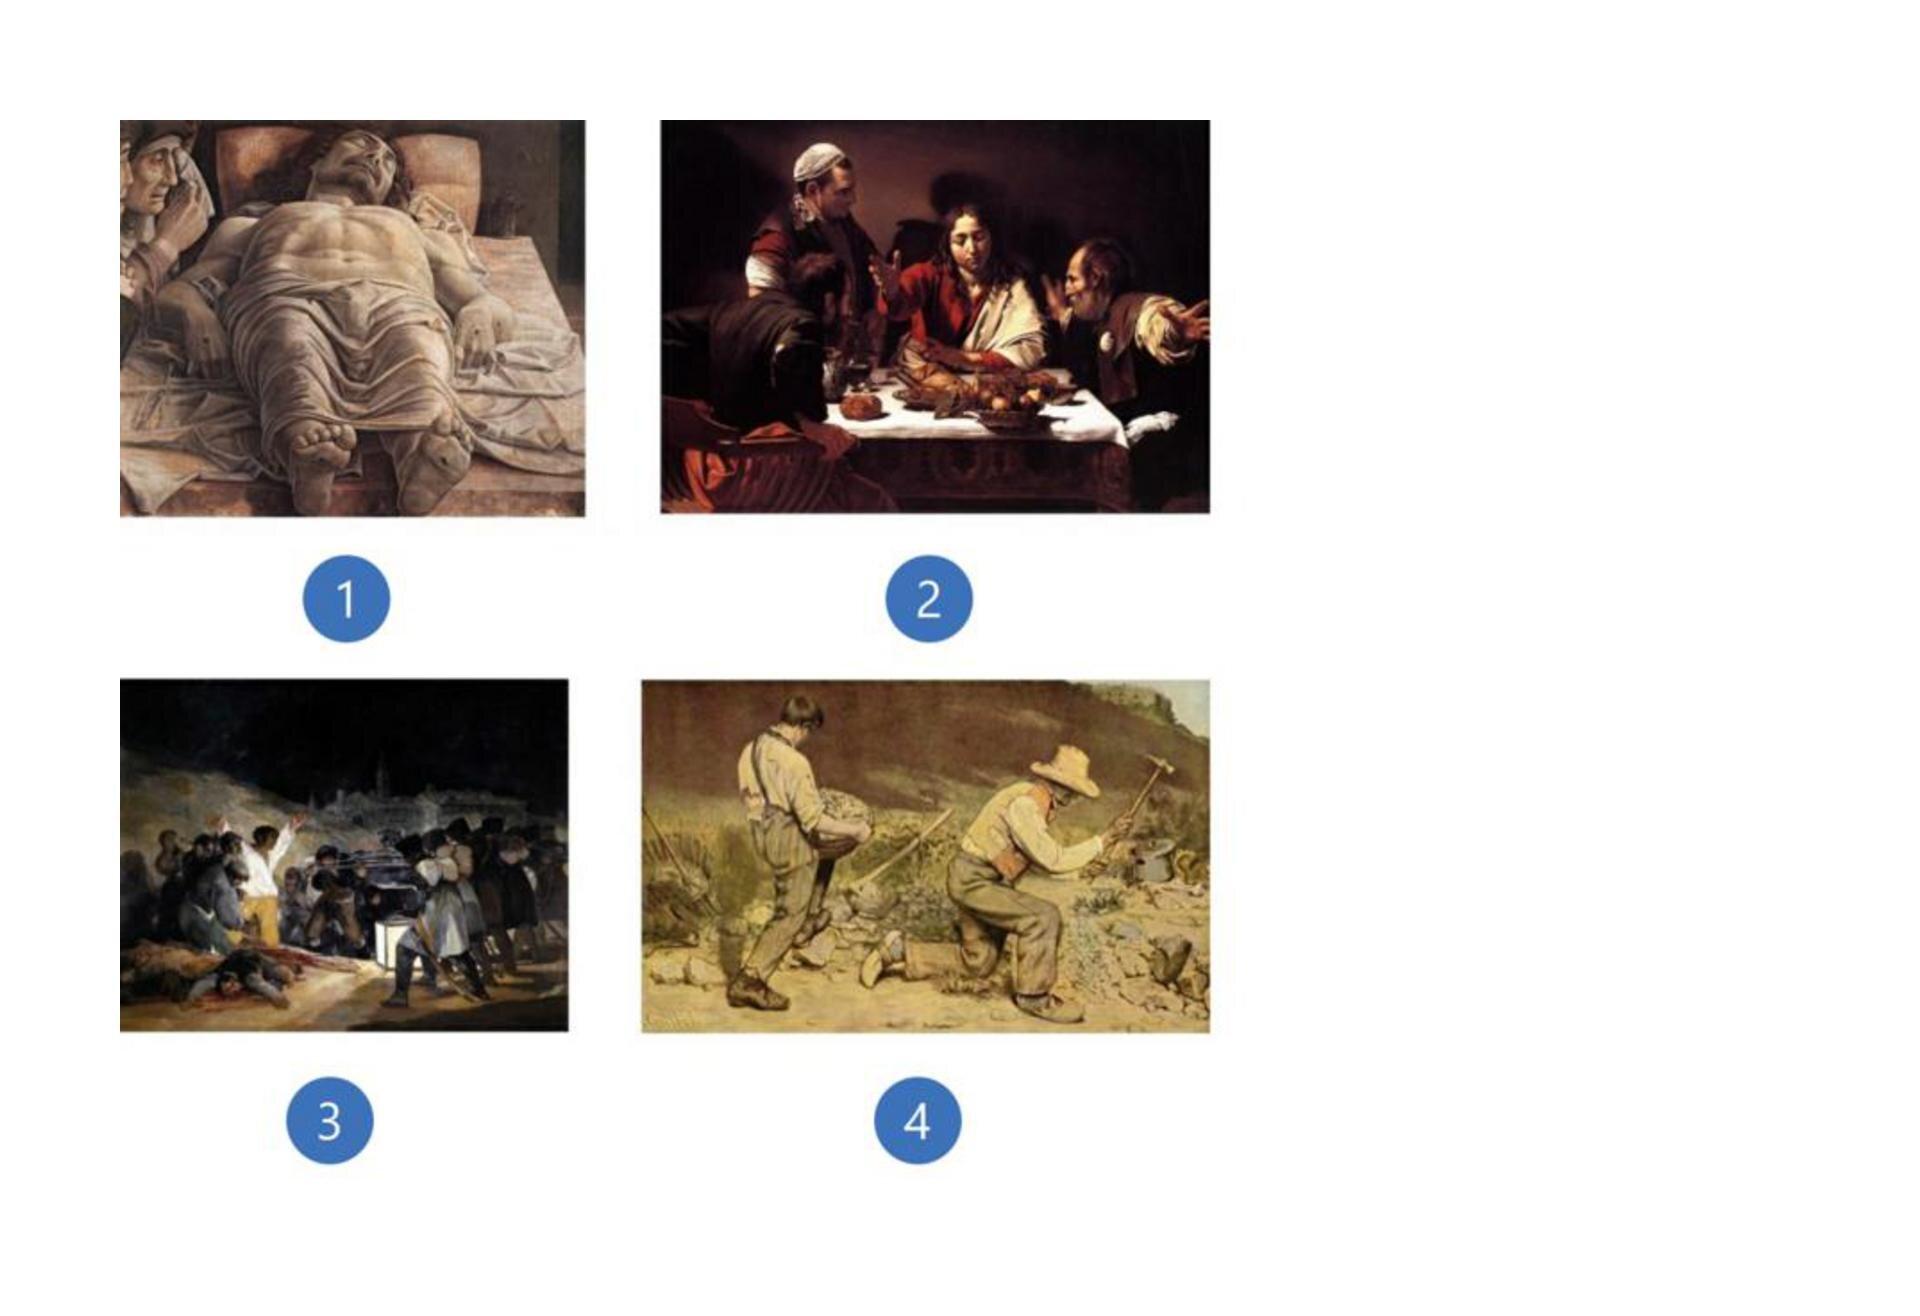 1. Andrea Mantegna, Martwy Chrystus, 1475 – 1478, Palazzo Brera, Milan, Włochy 2. Caravaggio, Wieczerza wEmaus, 1602, National Gallery, Londyn, Wielka Brytania 3. Francisco Goya, Trzeci maja 1808 (albo Rozstrzelanie powstańców madryckich), 1814, Muzeum Prado, Madryt, Hiszpania 4. Gustave Courbet, Kamieniarze, 1849, Galeria Nowych Mistrzów, Drezno, Niemcy